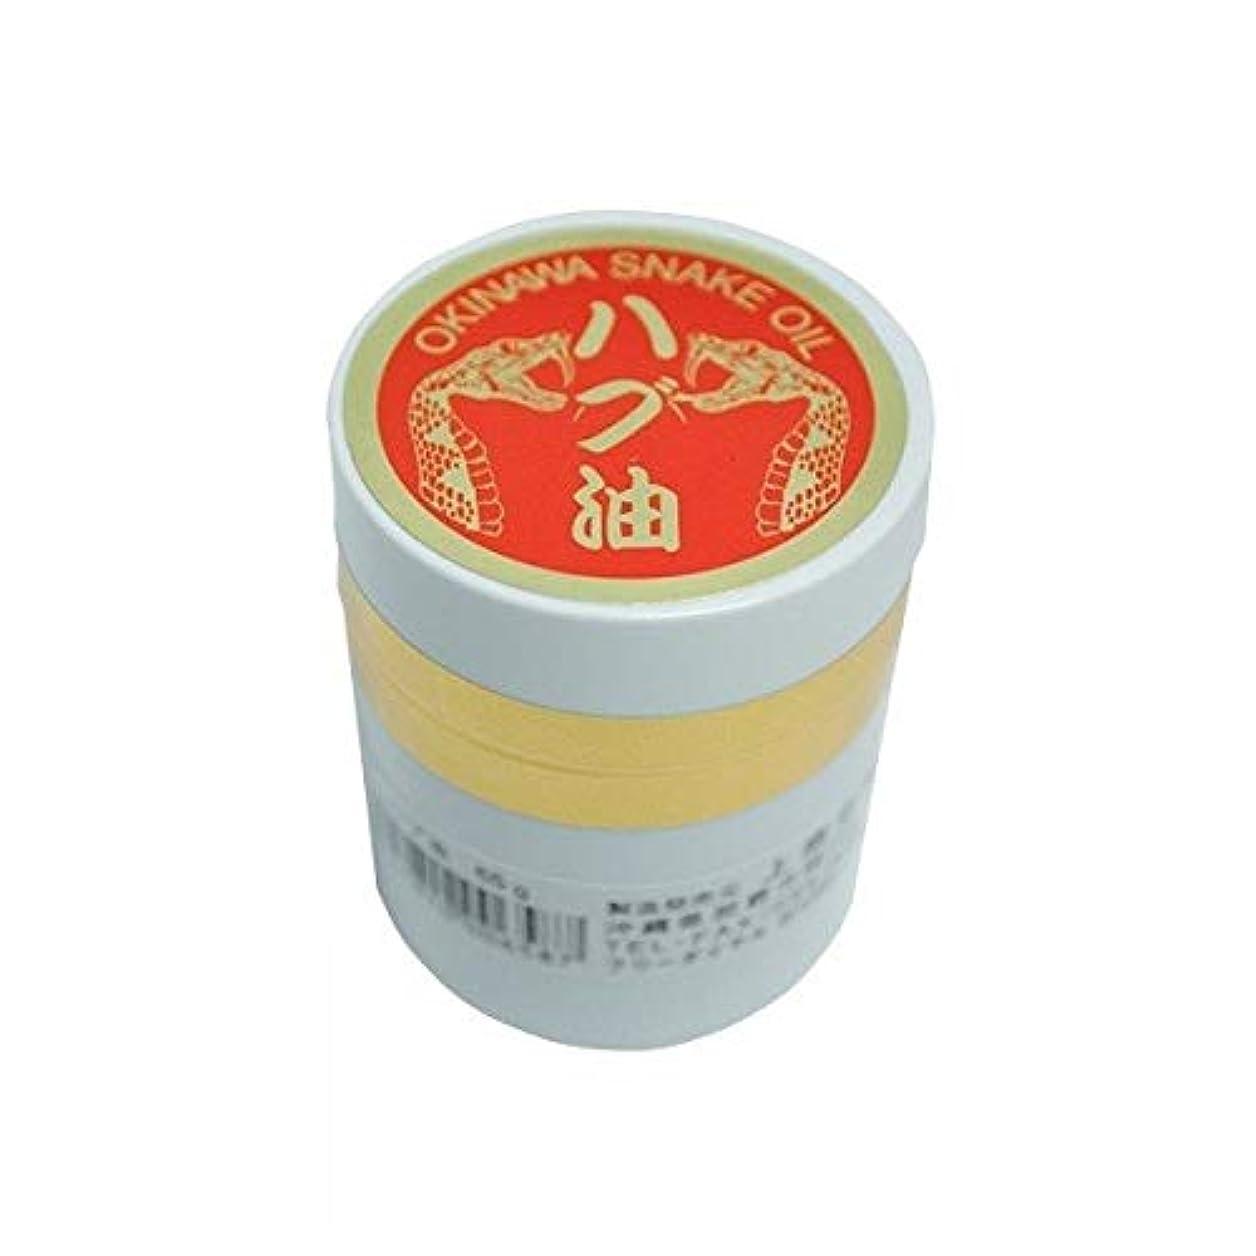 ゼリー協会散る沖縄産 ハブ油 65g 軟膏タイプ